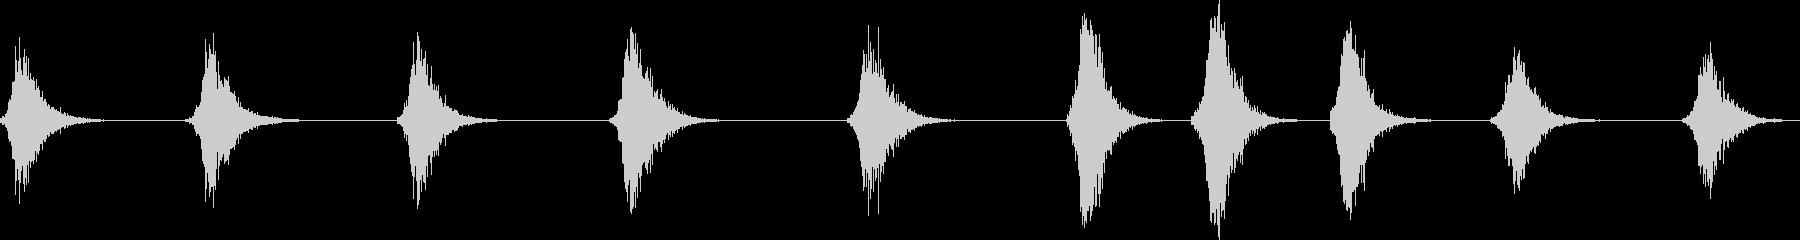 ウグイスの地鳴き(さえずりでなはい声)の未再生の波形